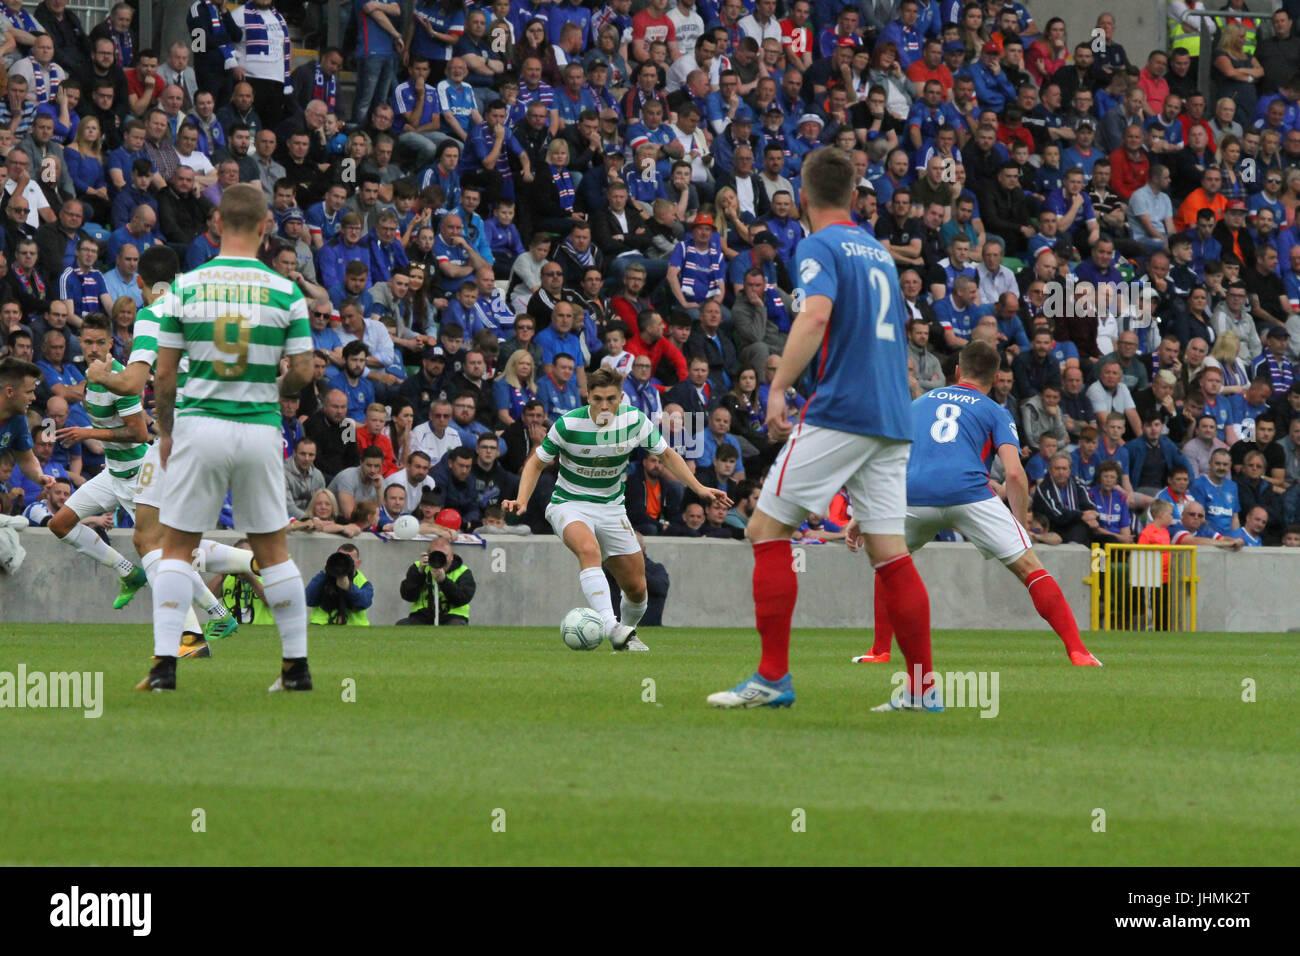 Windsor Park, Belfast, UK. 14 July 2017. Linfield v Celtic (UEFA CL QR2 1st Leg). Celtic's James Forrest on - Stock Image